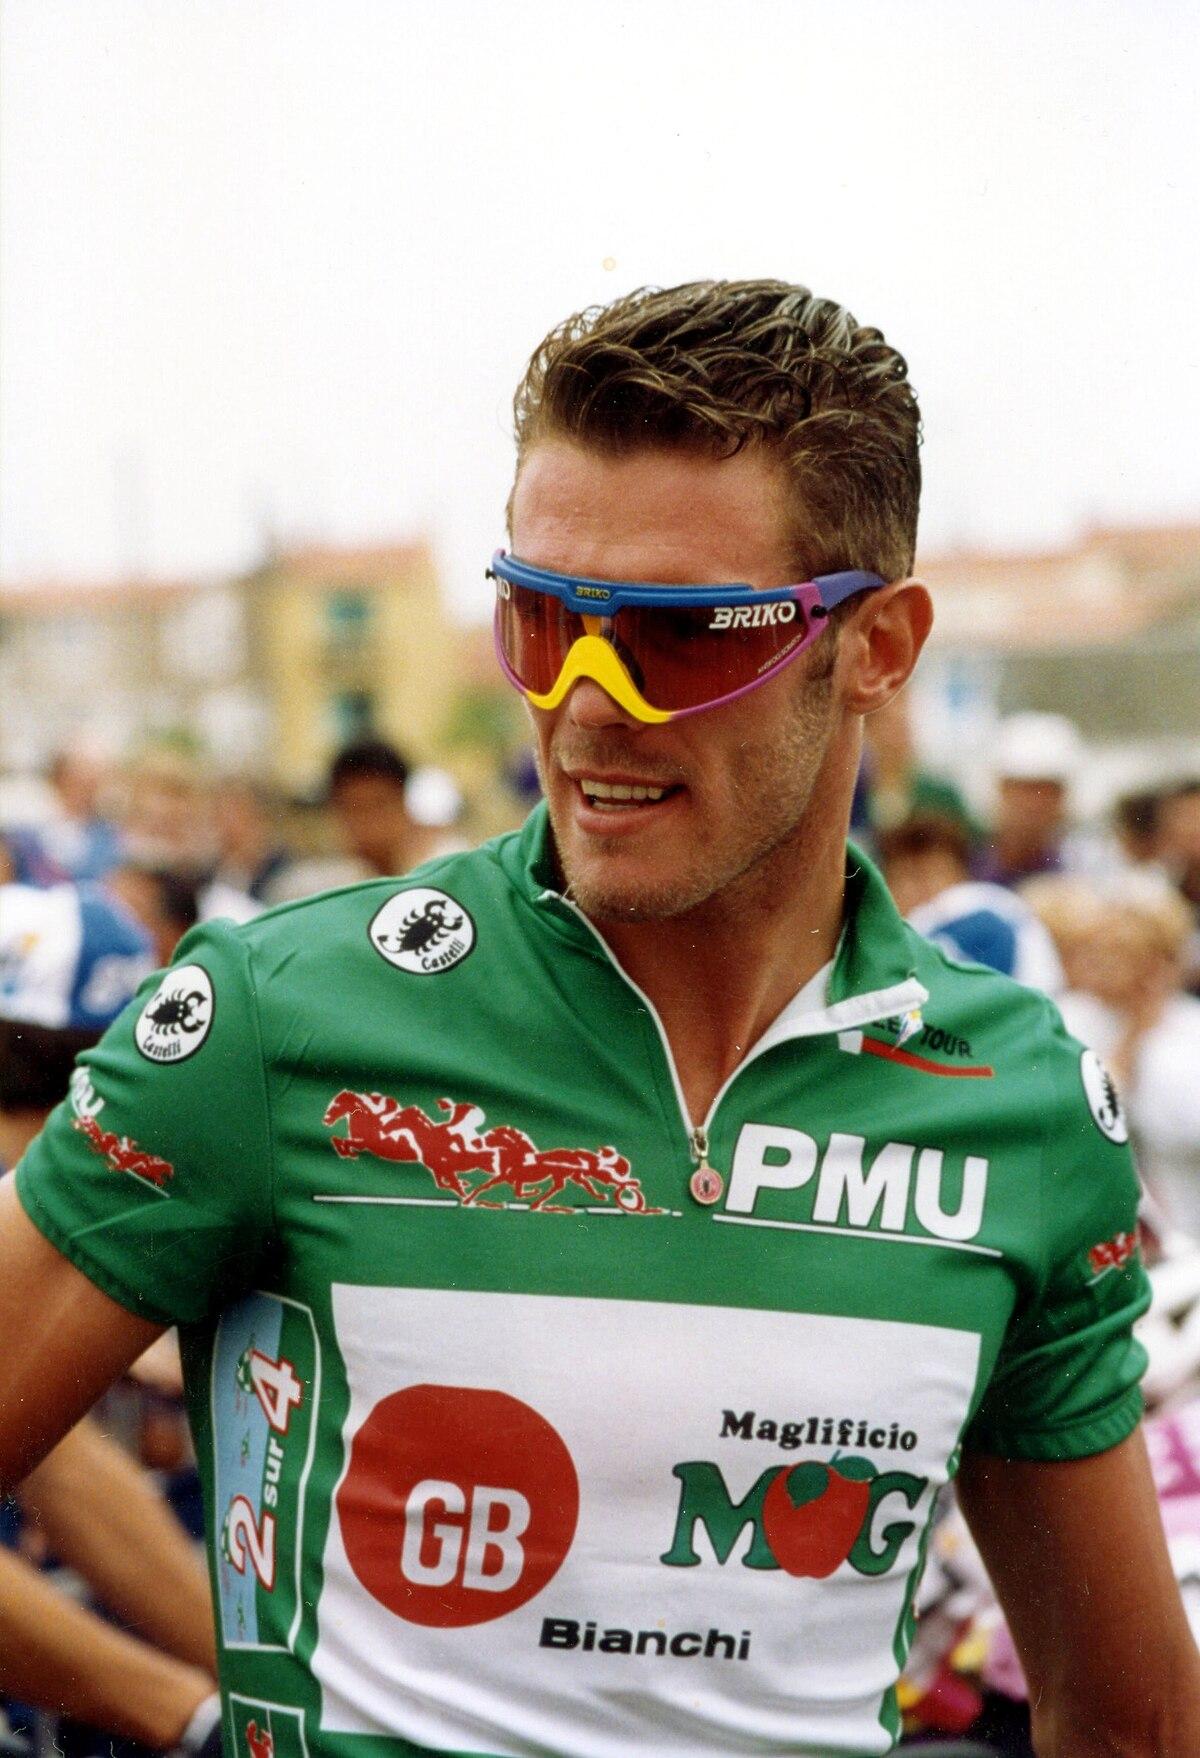 Points classification in the Tour de France